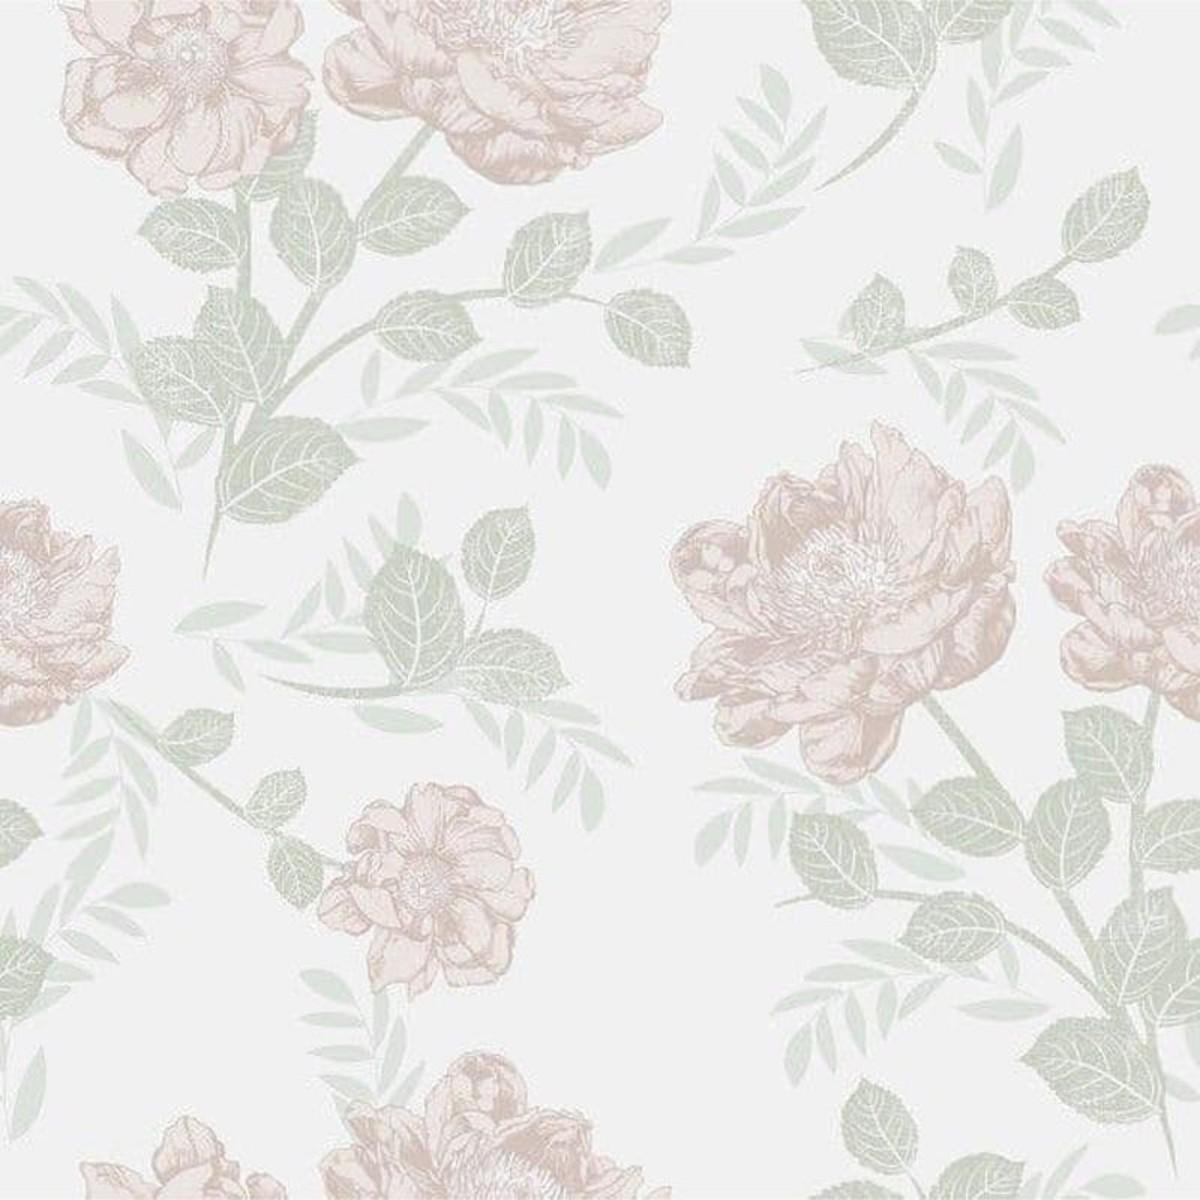 Обои флизелиновые Collection For Walls Northern Feelings розовые 0.53 м 203601